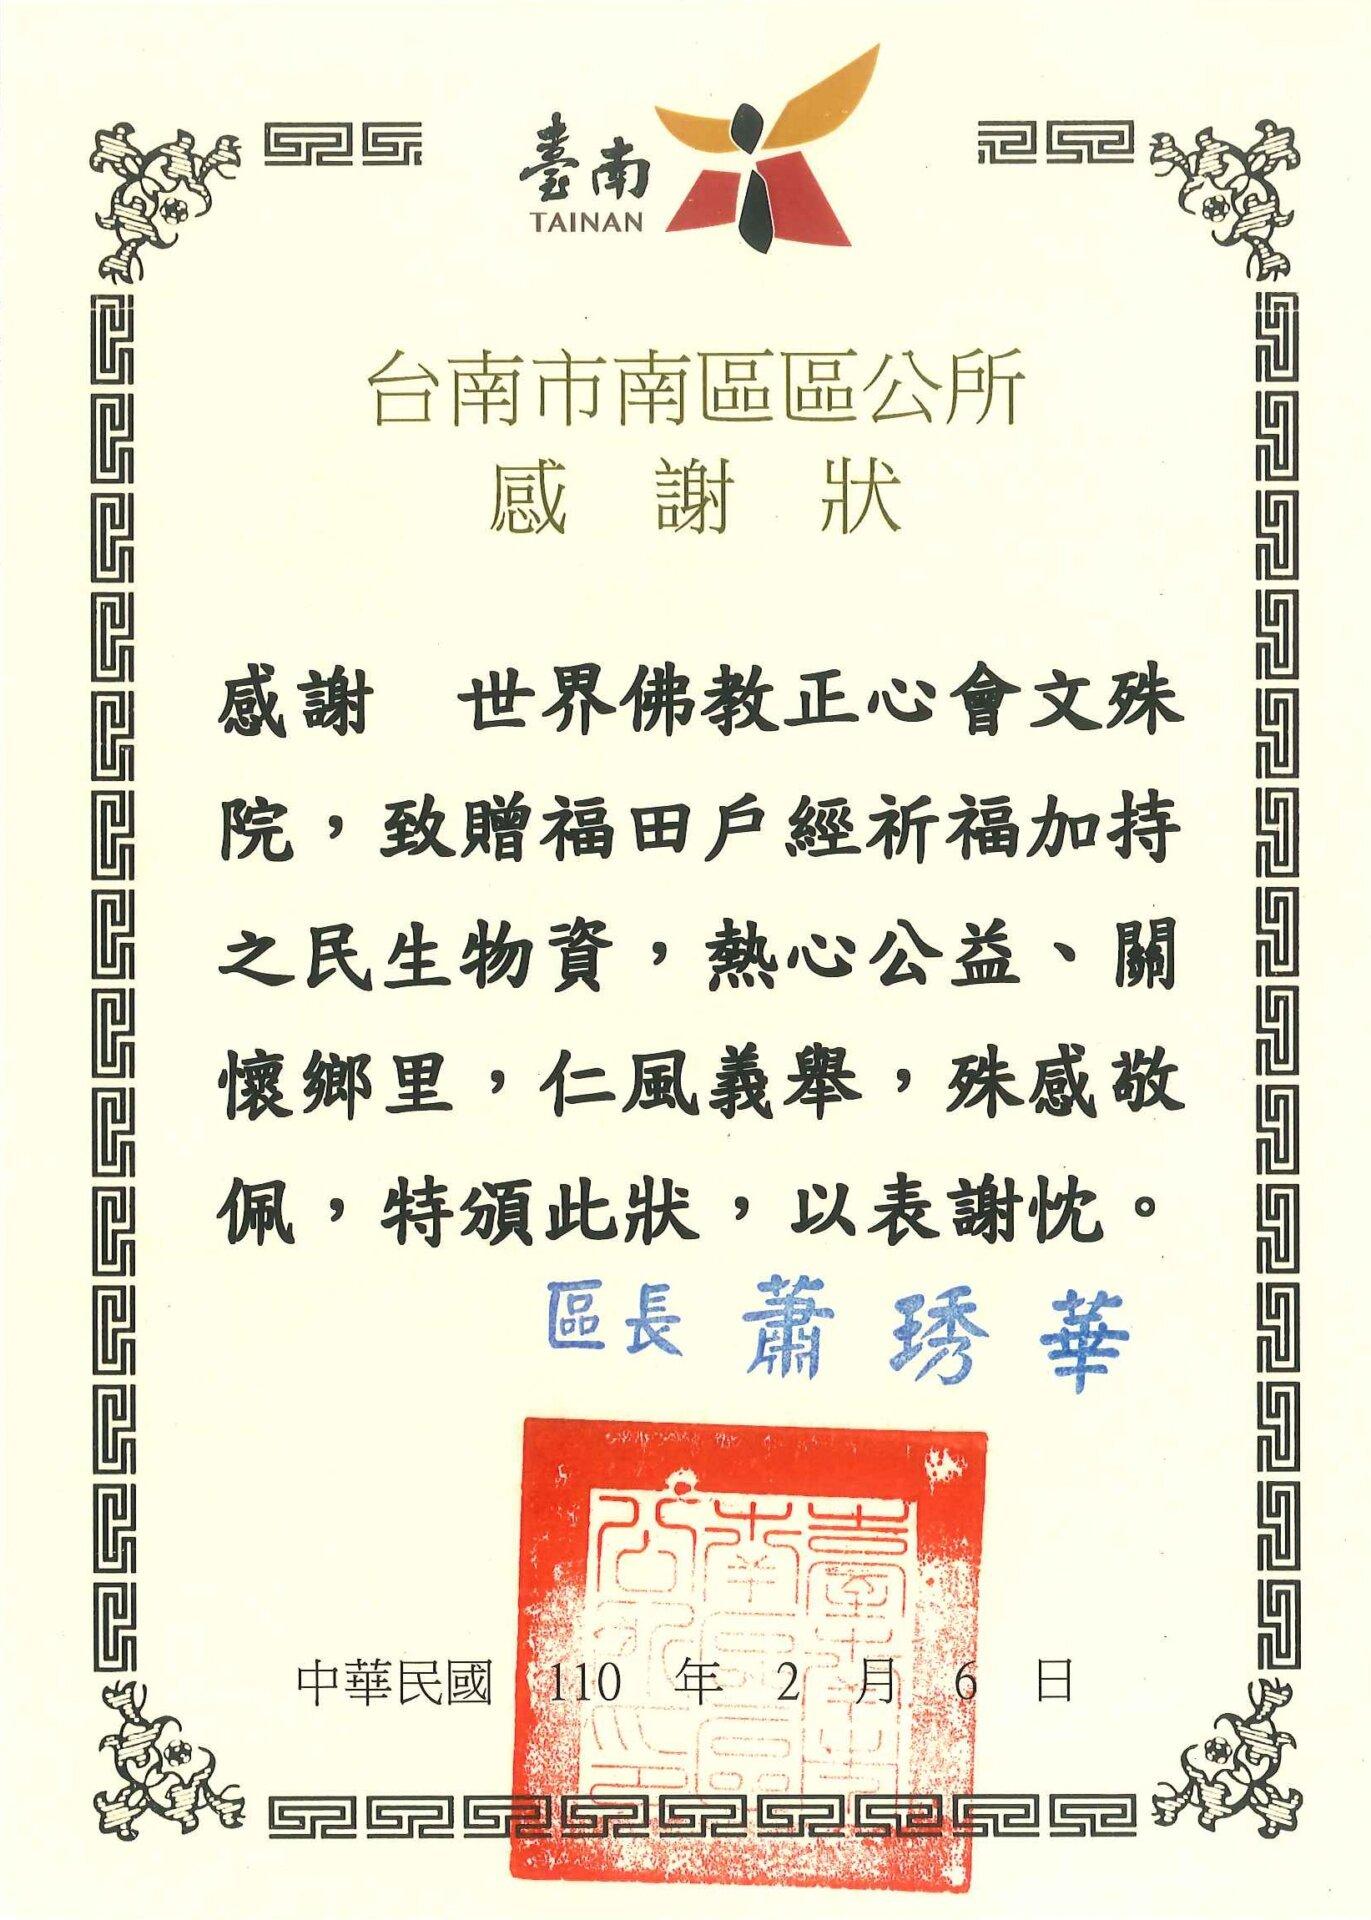 2021-0205台南南區公所感謝狀